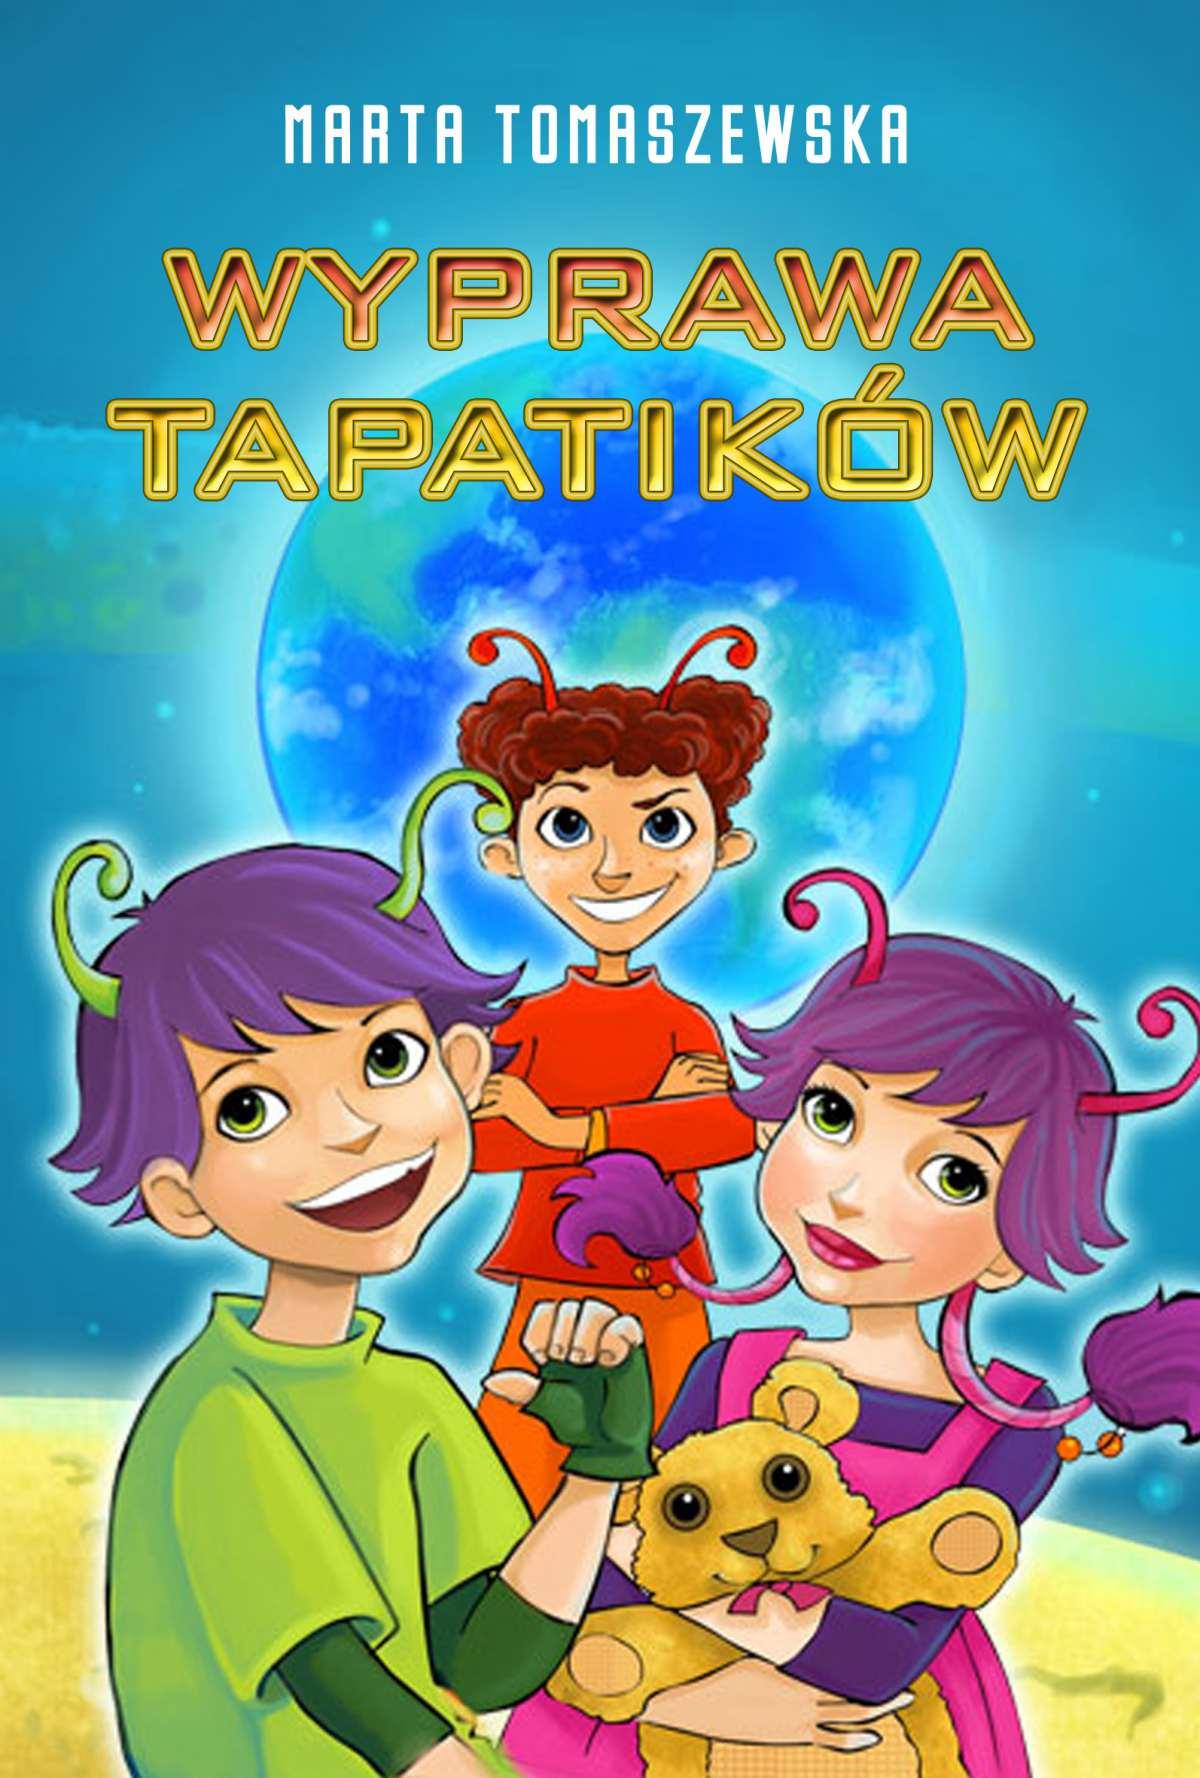 Wyprawa Tapatików - Ebook (Książka EPUB) do pobrania w formacie EPUB